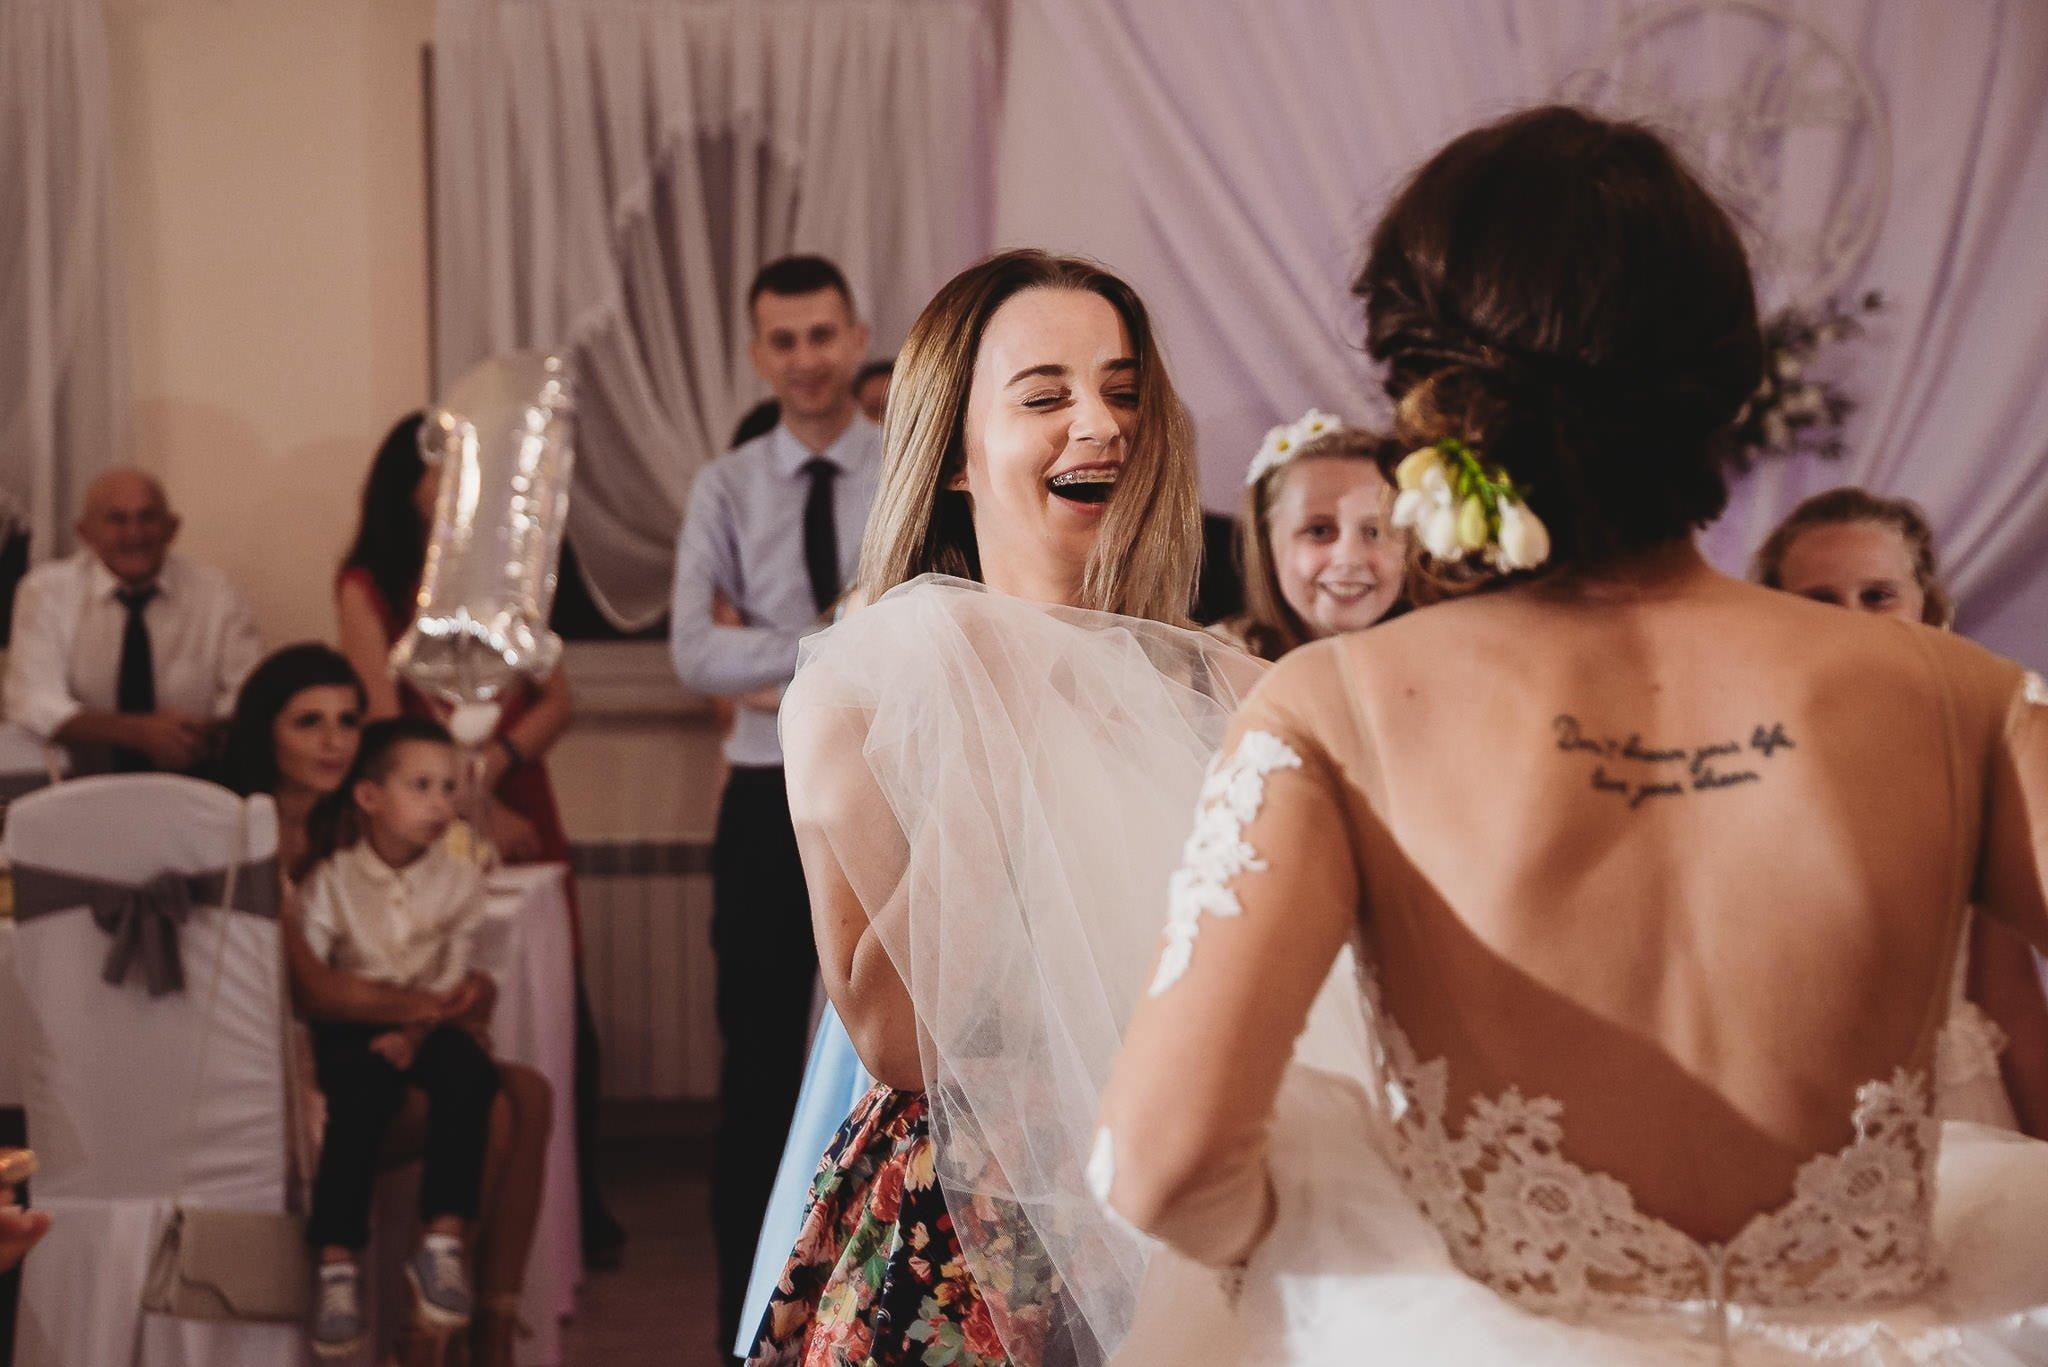 Angelika i Michał, piękne zdjęcia ślubne i sesja plenerowa w Gołuchowie 230